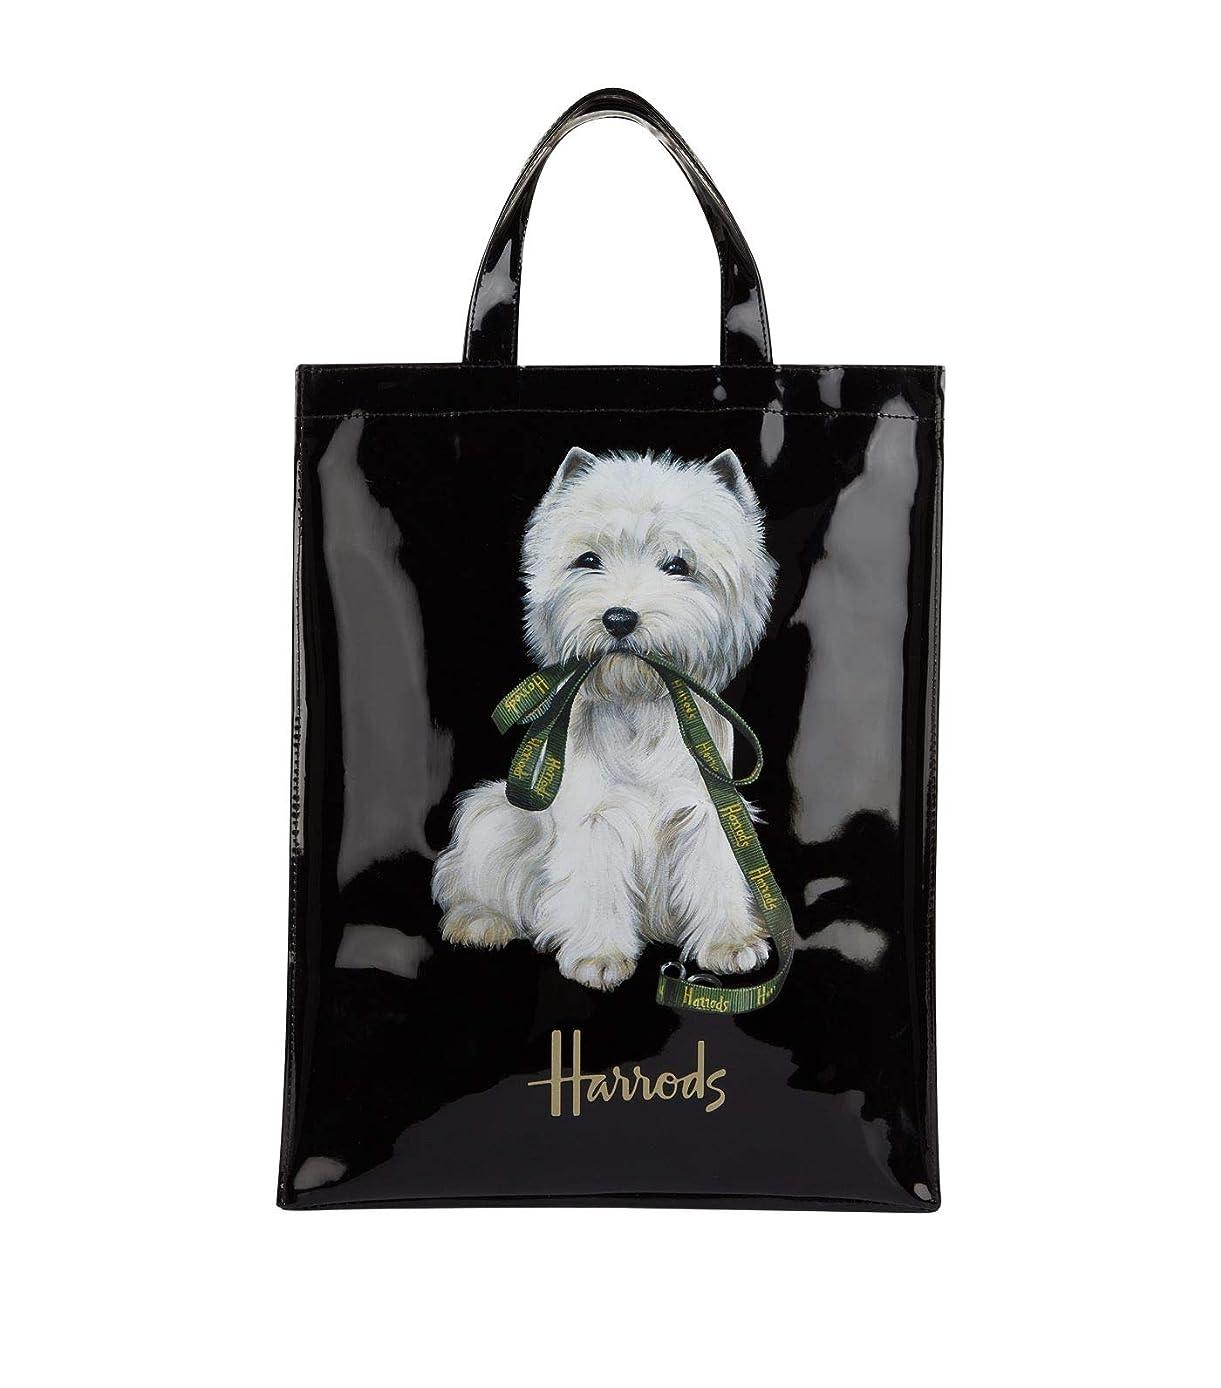 悪性の考案する相手(ハロッズ) Harrods 正規品 PVC トートバック Westie Shopper Bag 黒 裏地付